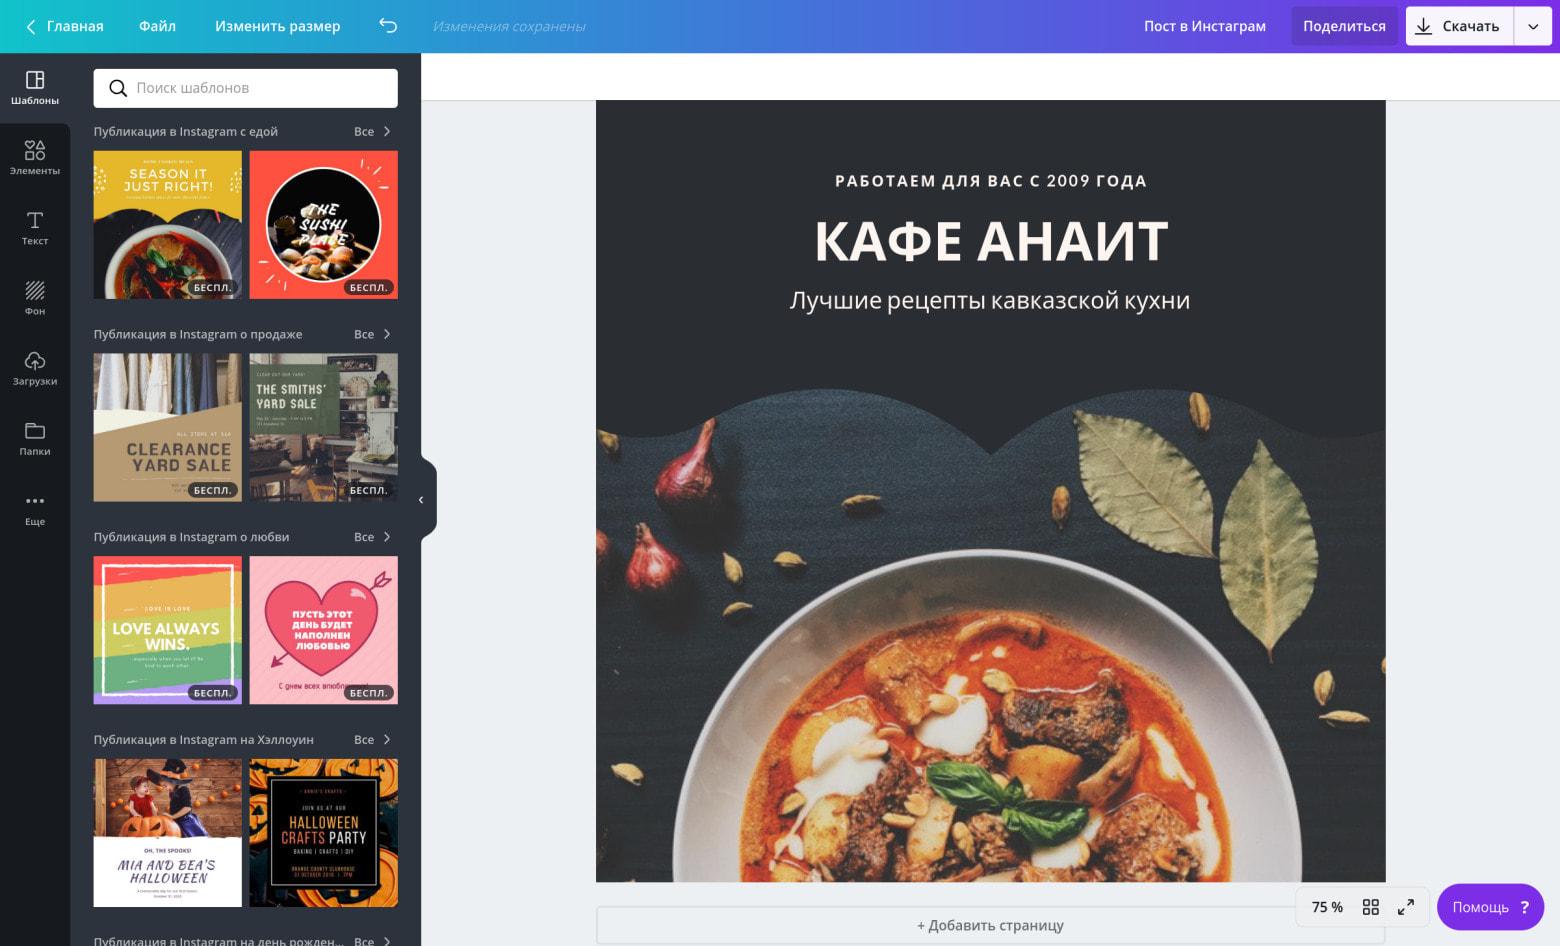 Оформление поста для Инстаграма в программе на русском языке Canva